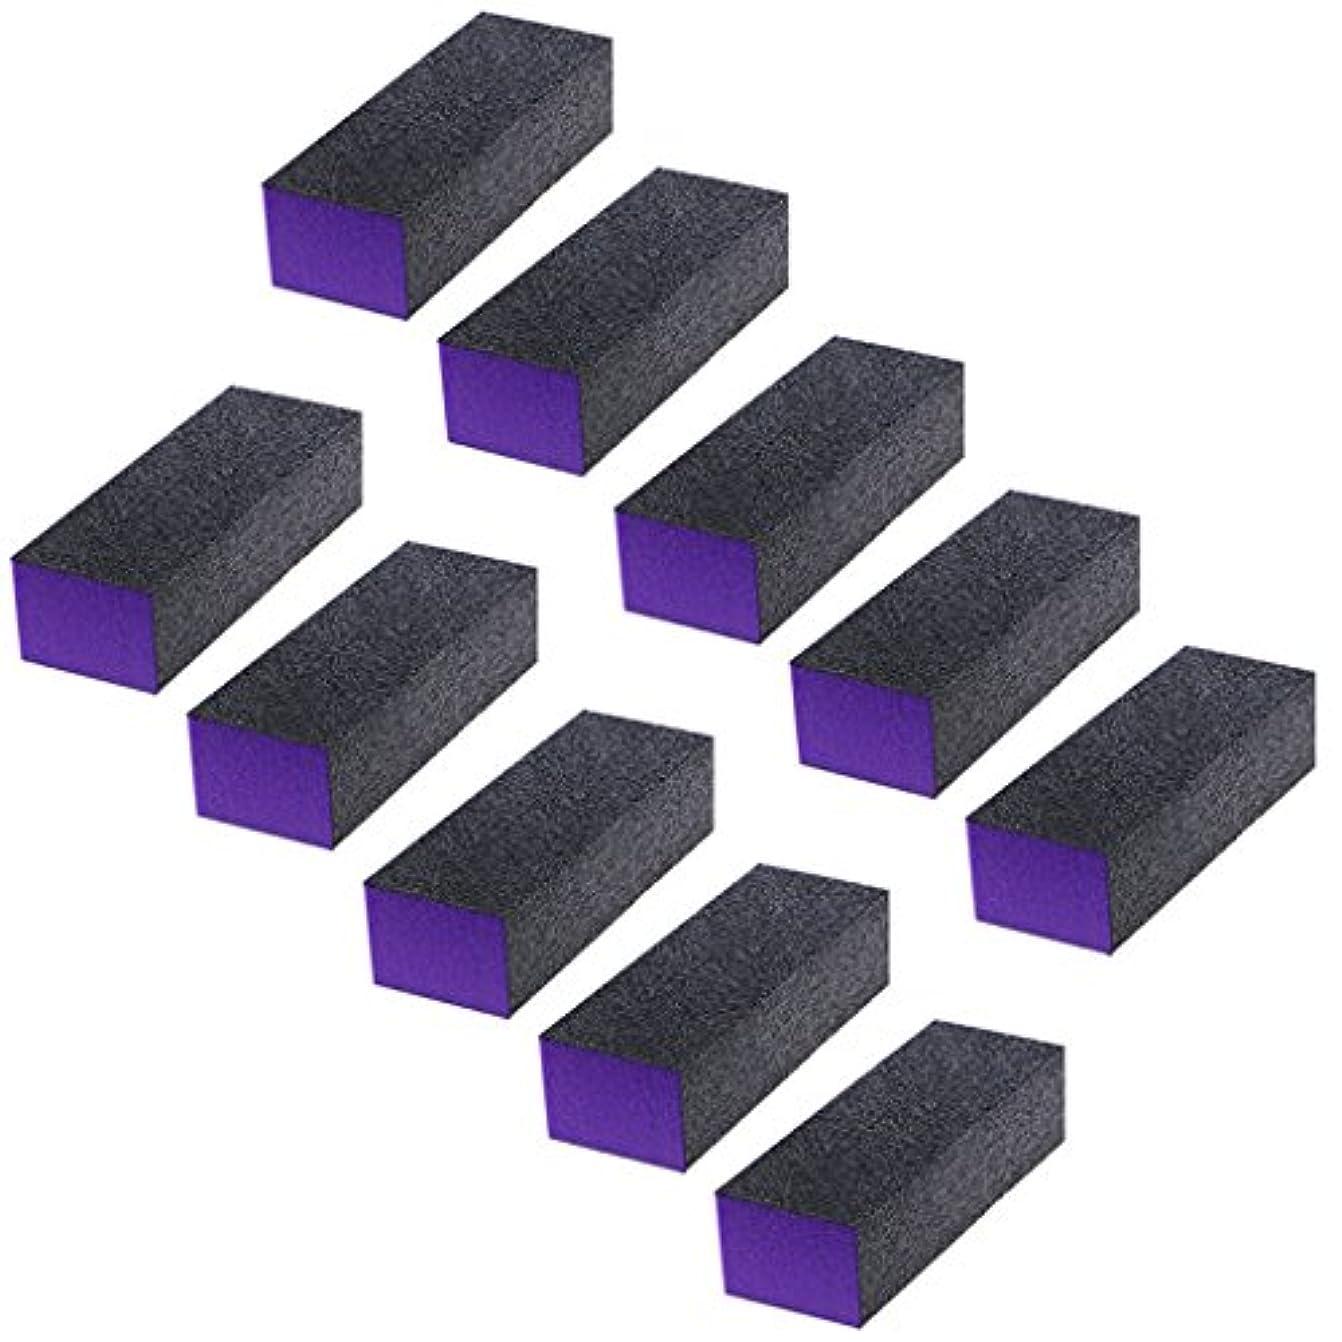 成功した痛いくびれたSharring 10個黒紫アップロードバフ研磨サンディングブロックファイルグリットネイルアートツールセット [並行輸入品]